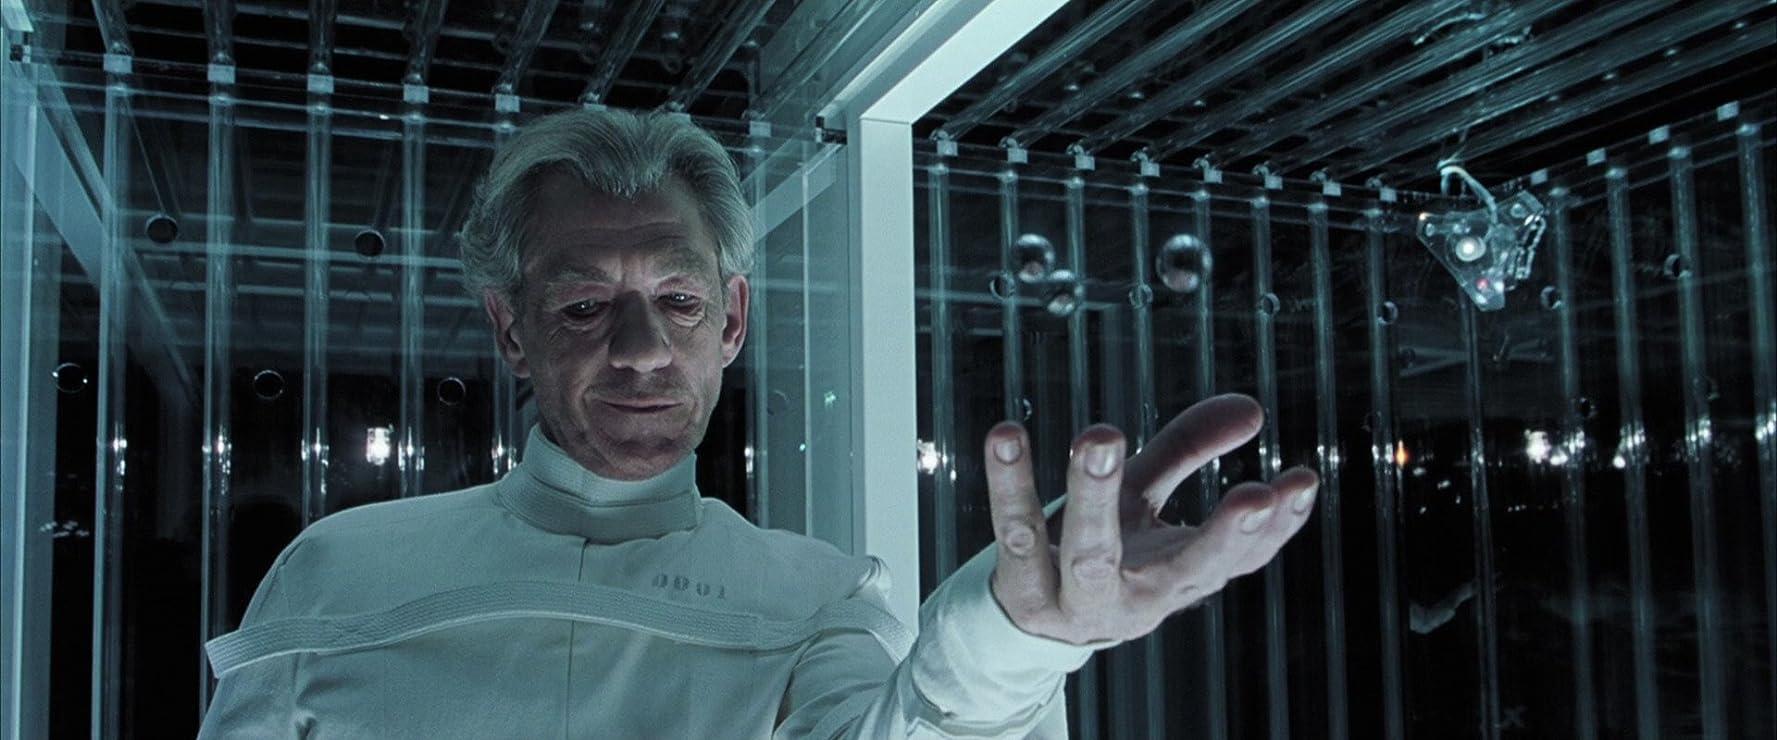 Ian McKellen in X2 (2003)